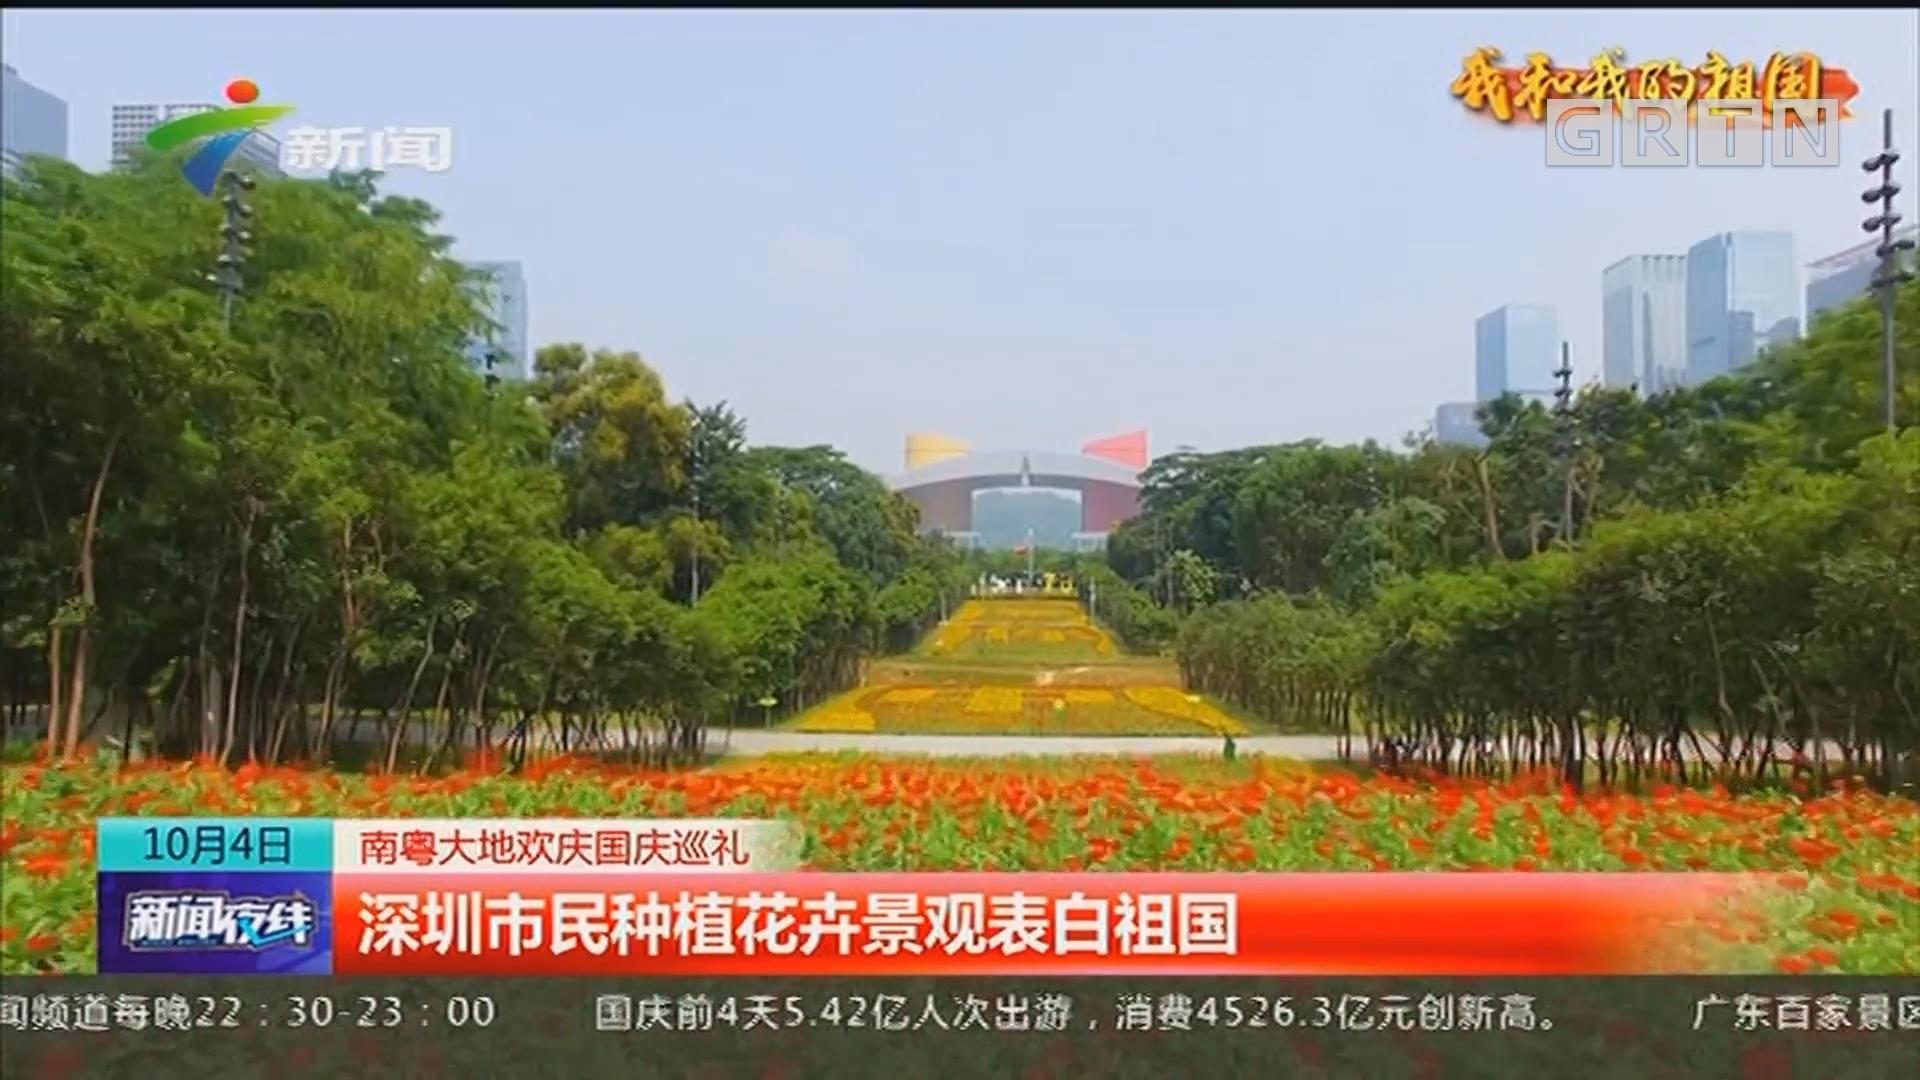 南粤大地欢庆国庆巡礼:深圳市民种植花卉景观表白祖国